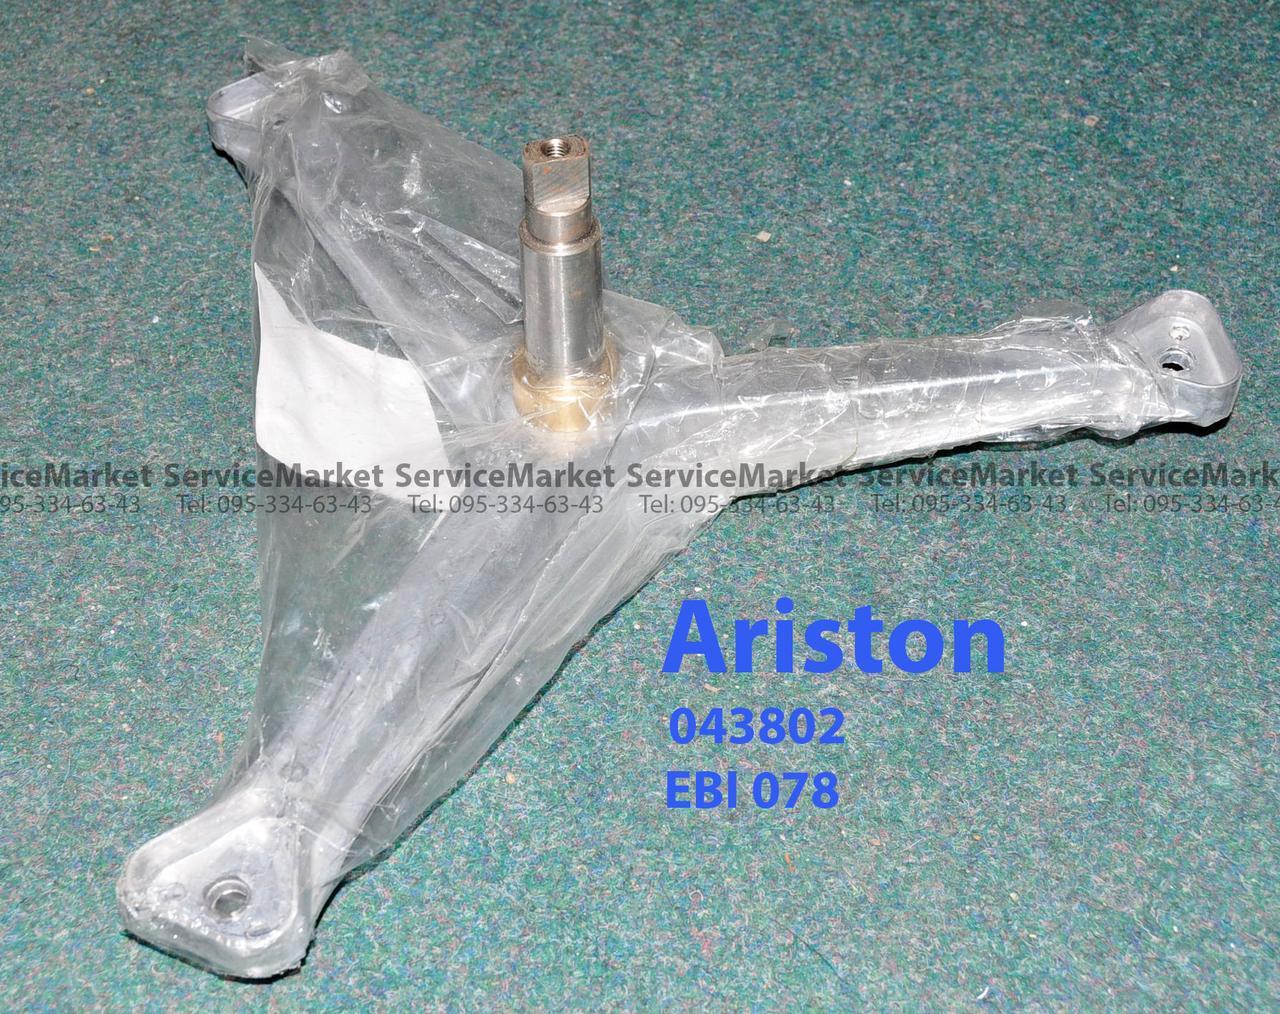 Крестовина для стиральной машины Indesit Ariston C00043802 EBI Italy 078